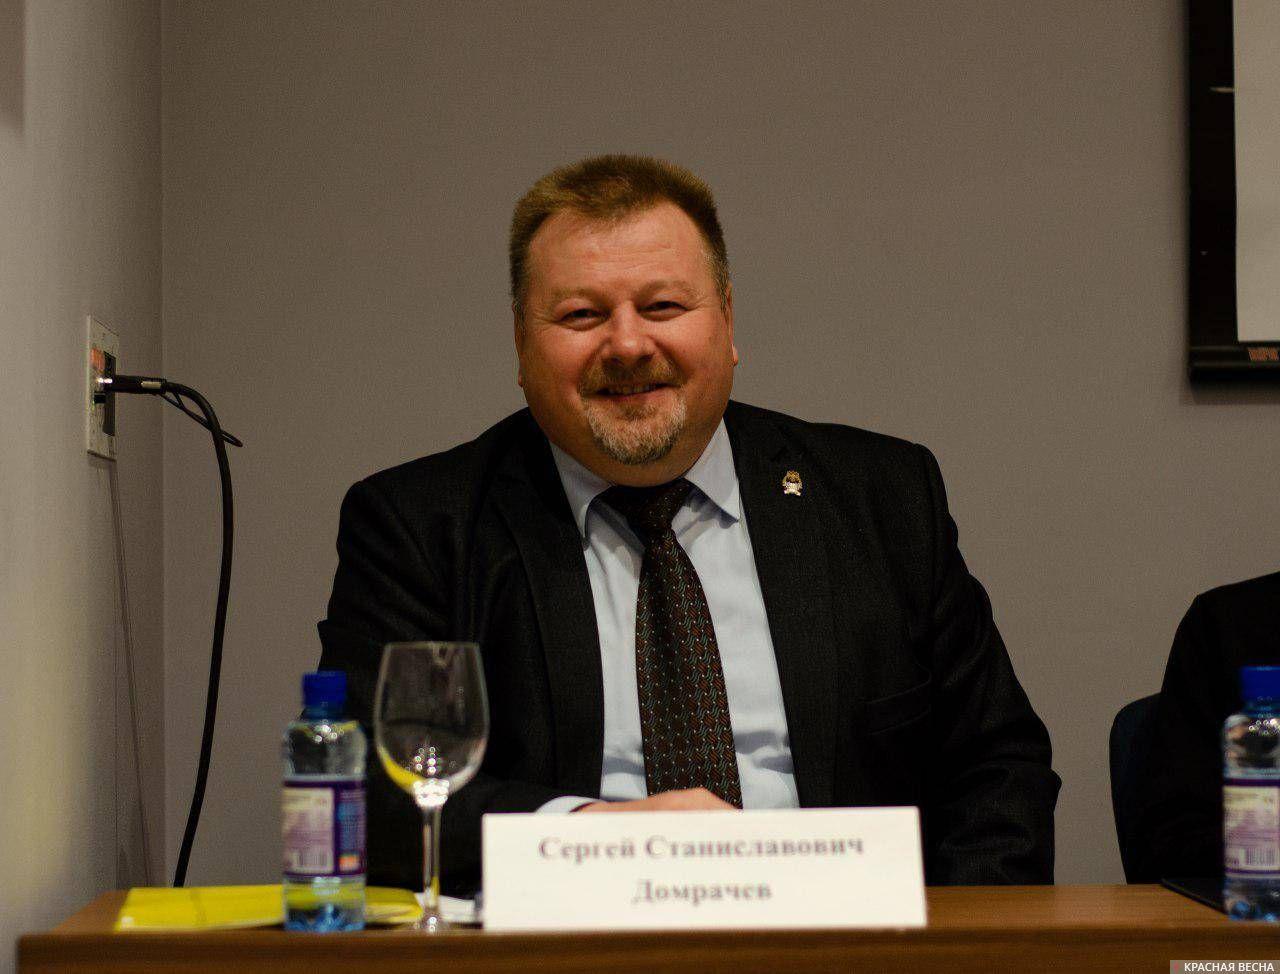 Сергей Станиславович Домрачев